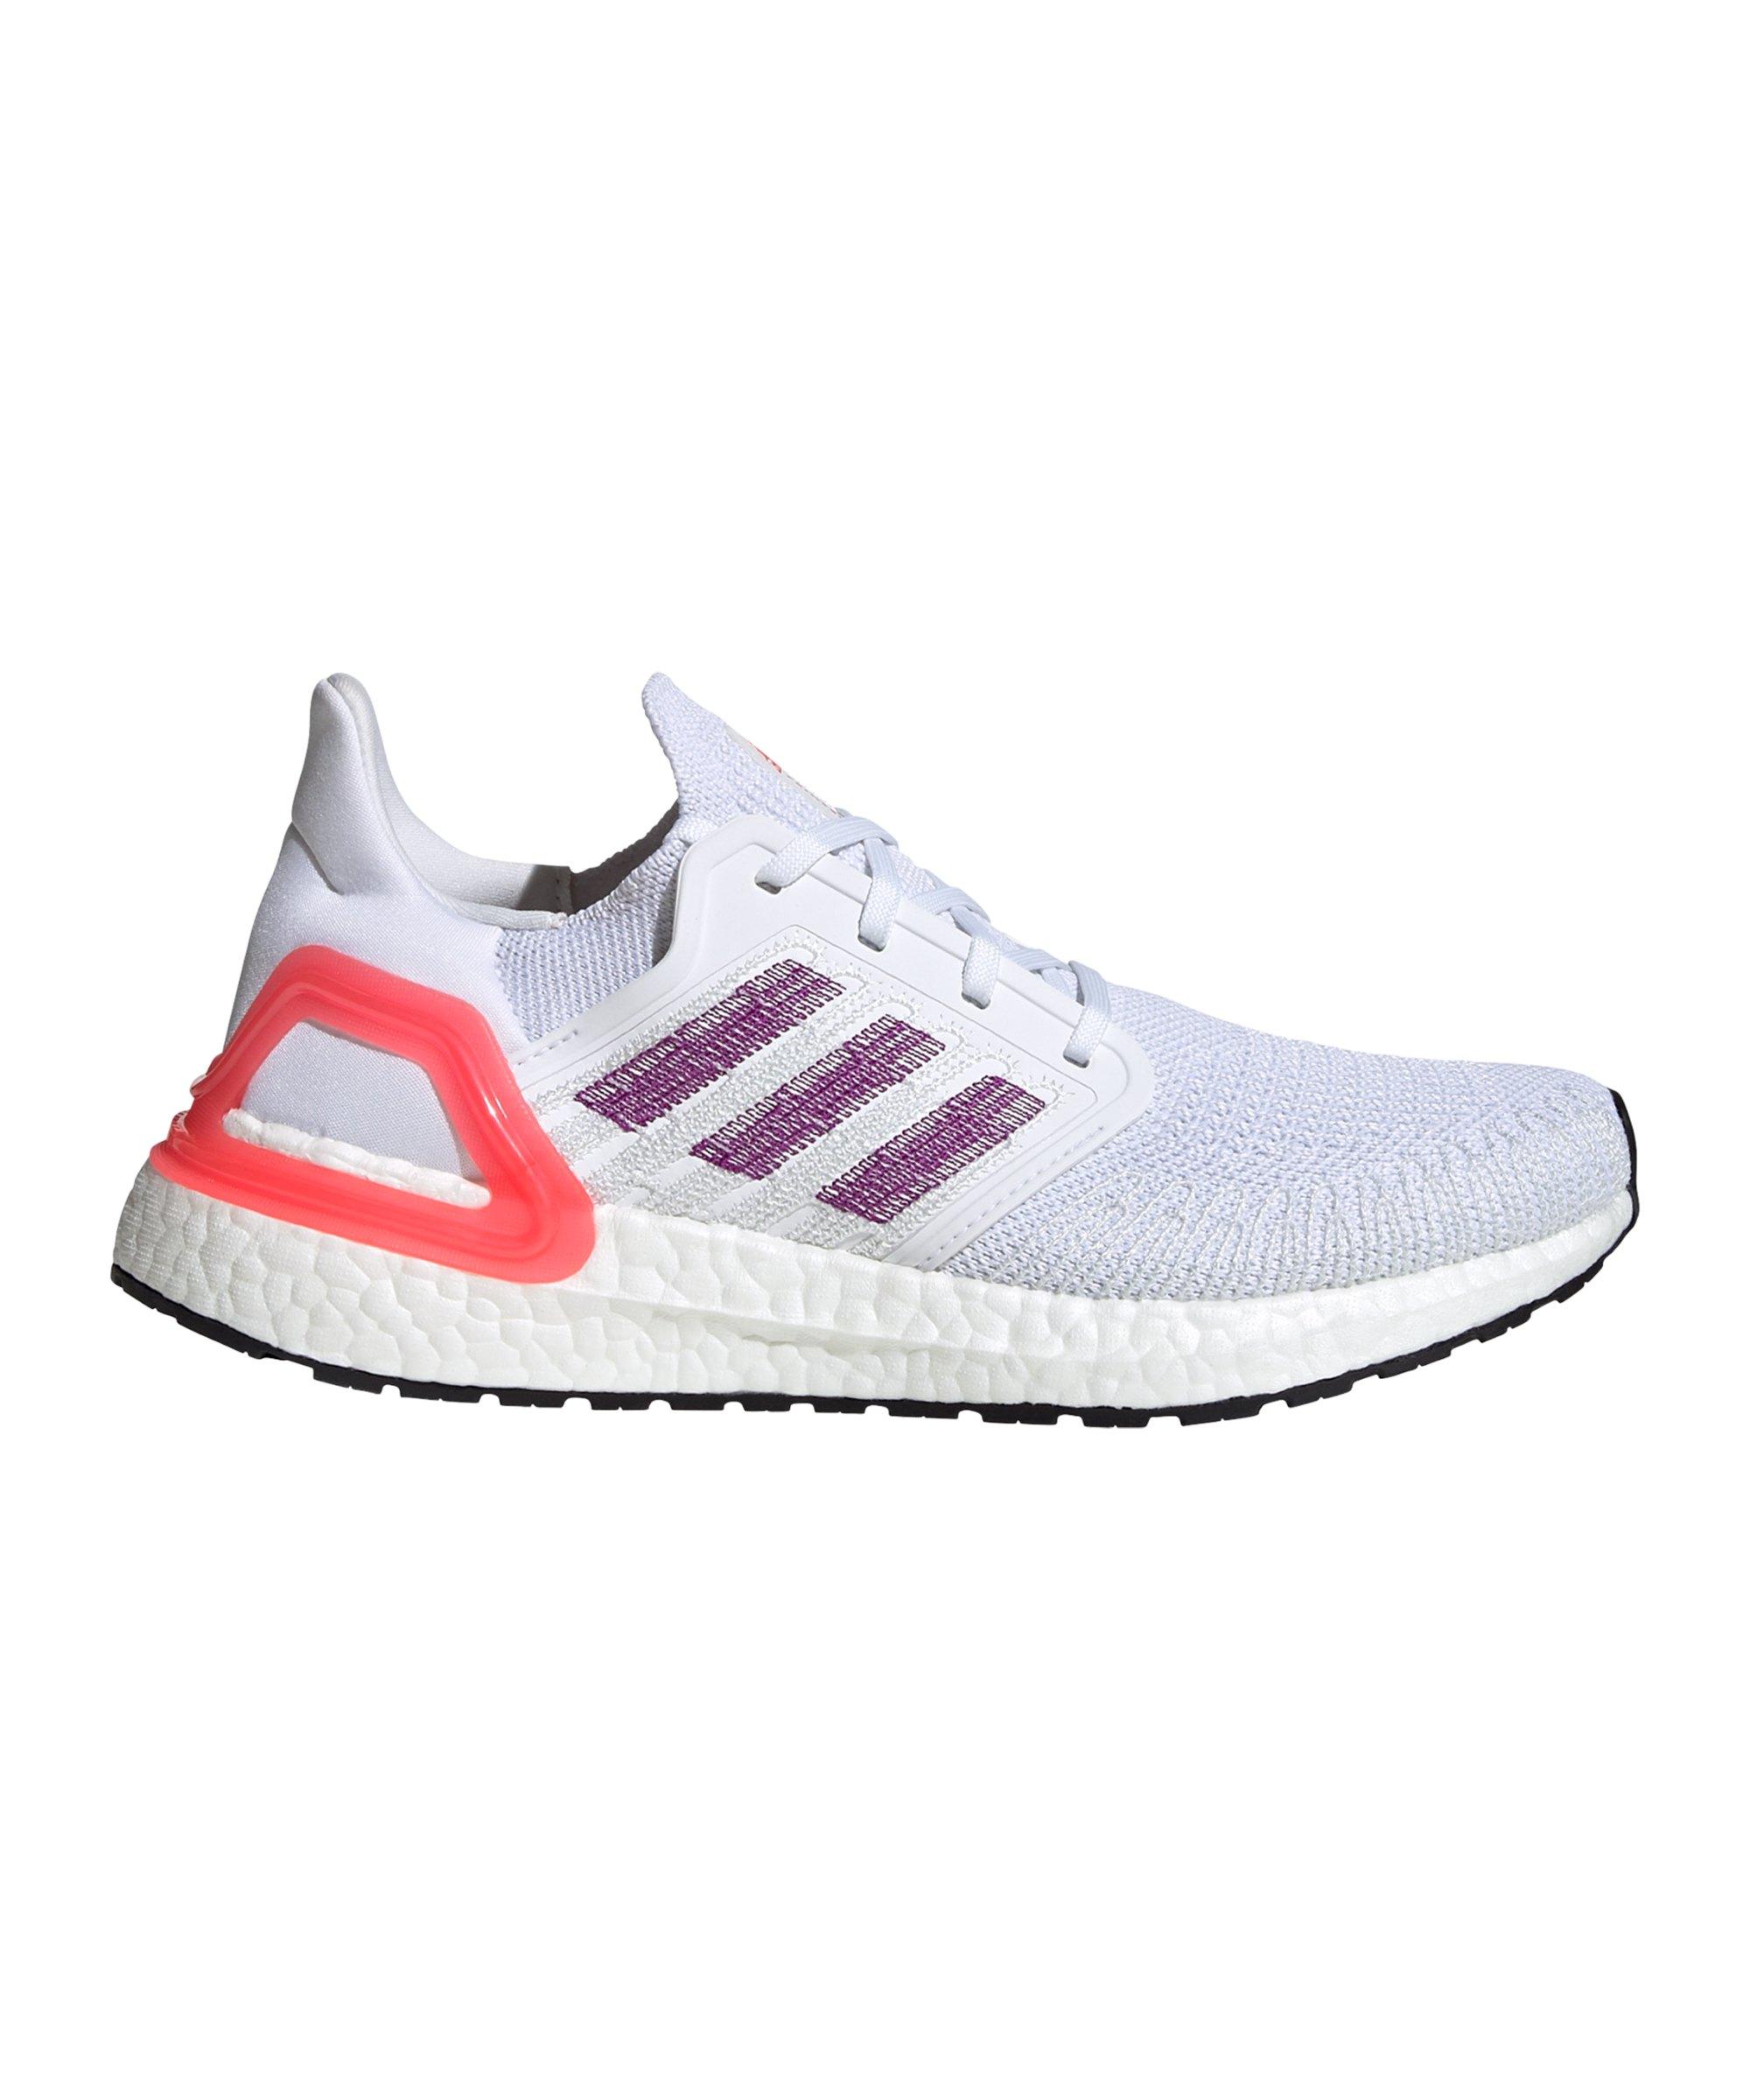 adidas Ultra Boost 20 Running Damen Weiss Pink - weiss